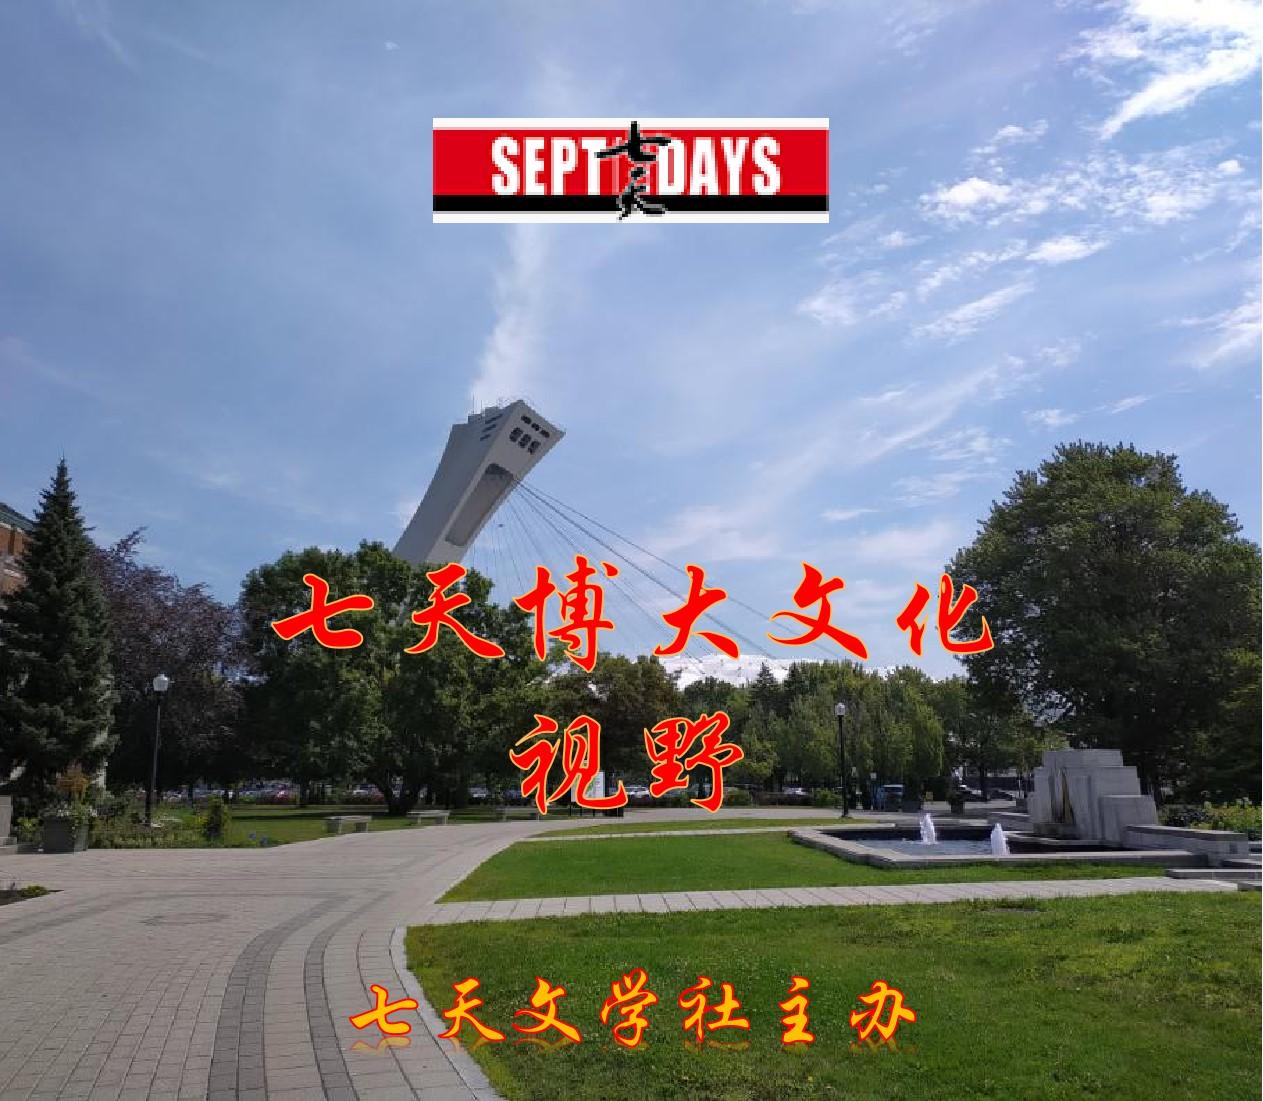 七天博大文化视野(9月10日)